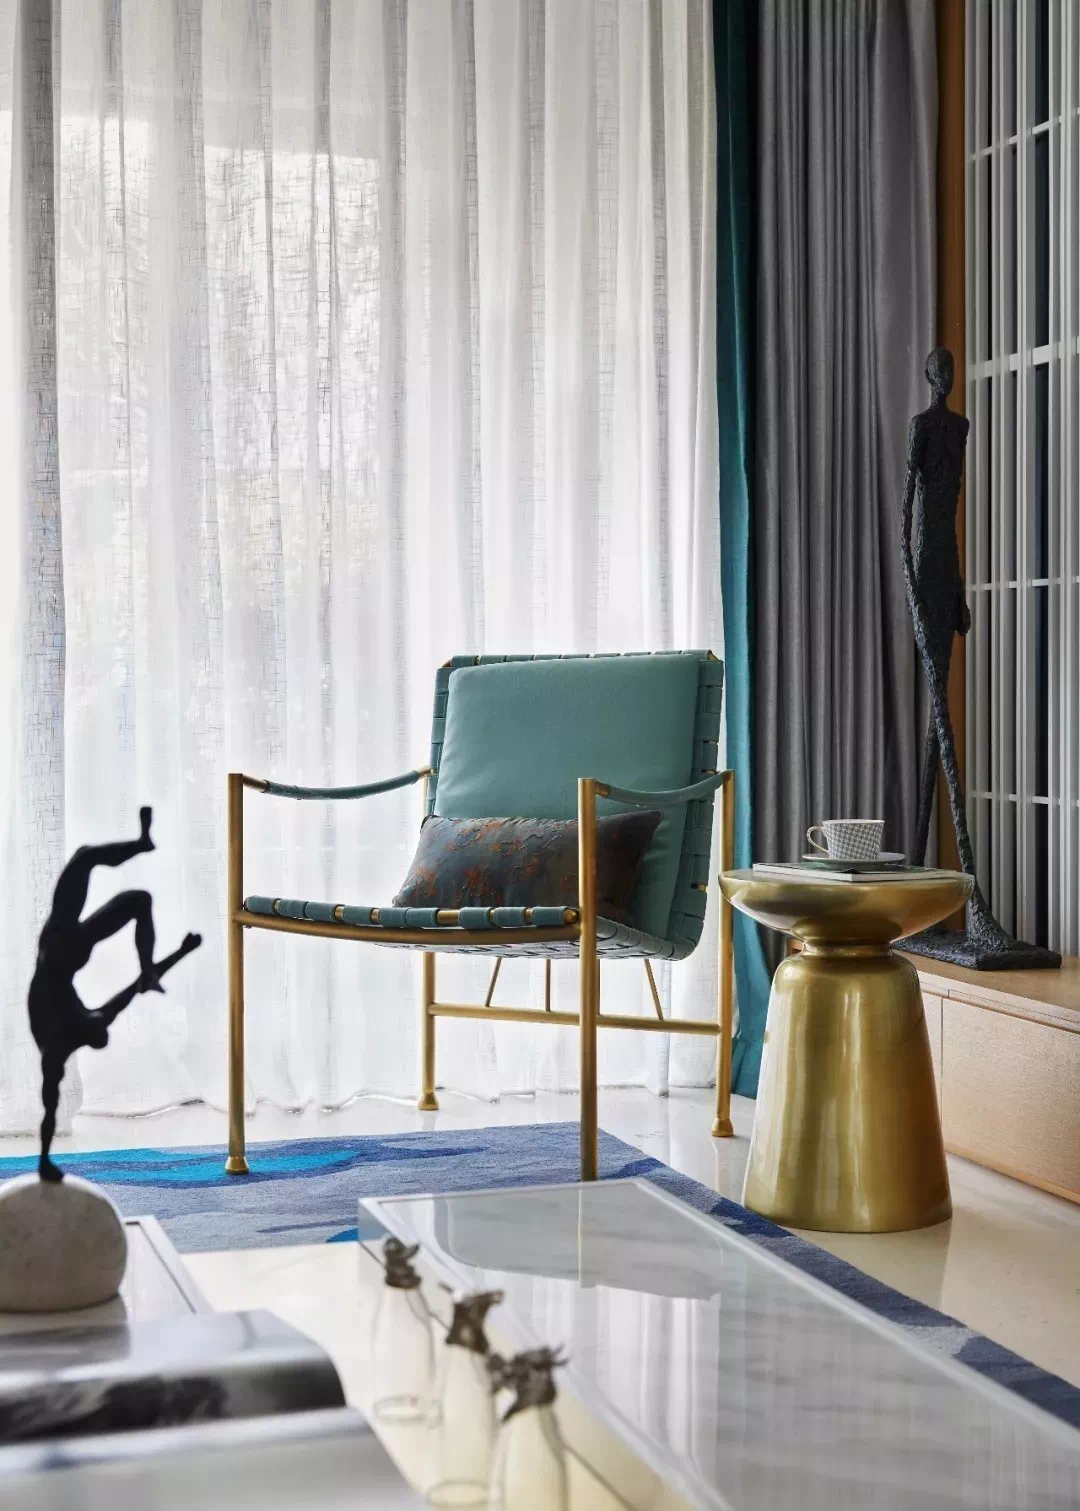 打造高级感的家,低调而奢华,你需要黄铜元素! 高级感 黄铜元素 第29张